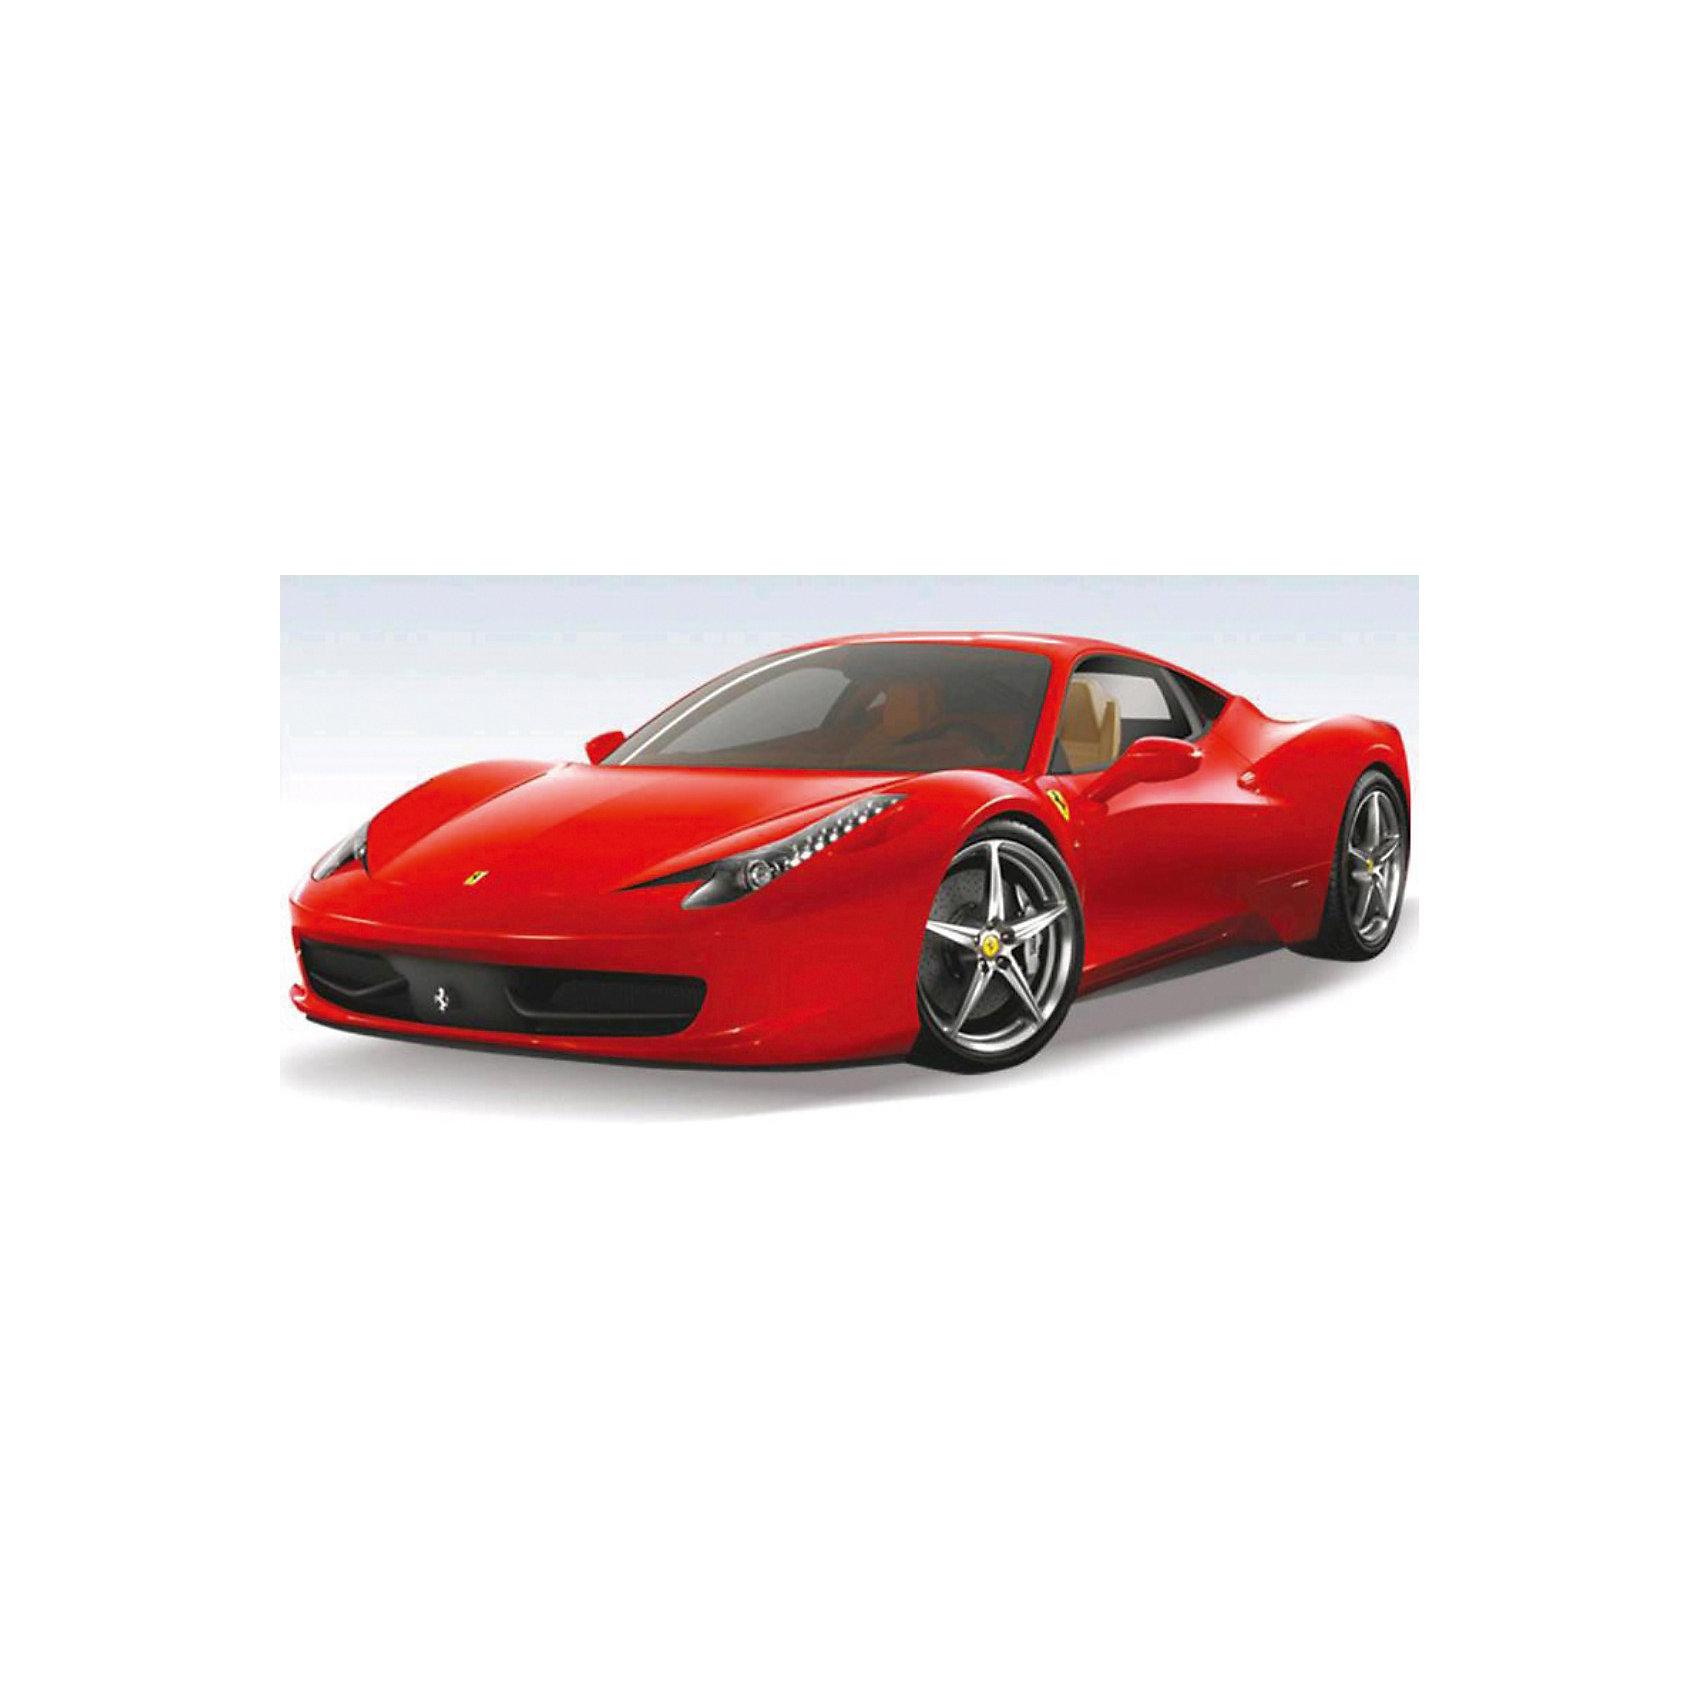 Машина ferrari 458 italia 1:18, со звуком, на р/у, RASTAR, в ассортиментеМашина ferrari 458 italia 1:18, со звуком, на р/у, RASTAR (Растар), в ассортименте – ослепительный, невероятно крутой Феррари на радиоуправлении.<br>Автомобиль Ferrari 458 Italia на радиоуправлении с проработкой всех деталей поражает приятным качеством и видом. Авто обладает неповторимым провокационным стилем и спортивным характером. А серьезные габариты придают реалистичность в управлении. Автомобиль отличается потрясающей маневренностью, динамикой и покладистостью. Управляется при помощи пульта дистанционного управления, сделанного в виде руля, что дает ребенку еще больше реалистичности в игре, кажется, что ребенок сам является водителем яркого феррари. Машина может осуществлять движение вперед, назад, вправо и влево.<br><br>Дополнительная информация:<br><br>- Комплект: машинка, пульт управления<br>- Масштаб: 1:18<br>- В ассортименте два варианта цвета машинки: желтый и красный<br>- Радиус действия пульта до 45 метров<br>- Пульт радиоуправления на частоте 27MHz.<br>- Максимальная скорость: 12 км/ч.<br>- Материал: пластмасса, элементы из металла, резина<br>- Тип батареек: 3x AA / LR6 1.5V, 1 x 9V типа Крона( в набор не входят)<br>- Размер машинки: 25.2х12.7х7 см.<br>- Упаковка: картонная коробка дисплейного типа<br> - Размер упаковки: 32 х 43 х 33 см.<br><br>ВНИМАНИЕ! Данный артикул представлен в разных цветовых исполнениях. К сожалению, заранее выбрать определенный цвет невозможно.  При заказе нескольких  машин возможно получение одинаковых<br><br>Машину ferrari 458 italia 1:18, со звуком, на р/у, RASTAR (Растар), в ассортименте можно купить в нашем интернет-магазине.<br><br>Ширина мм: 320<br>Глубина мм: 430<br>Высота мм: 330<br>Вес г: 2900<br>Возраст от месяцев: 36<br>Возраст до месяцев: 120<br>Пол: Мужской<br>Возраст: Детский<br>SKU: 3789448